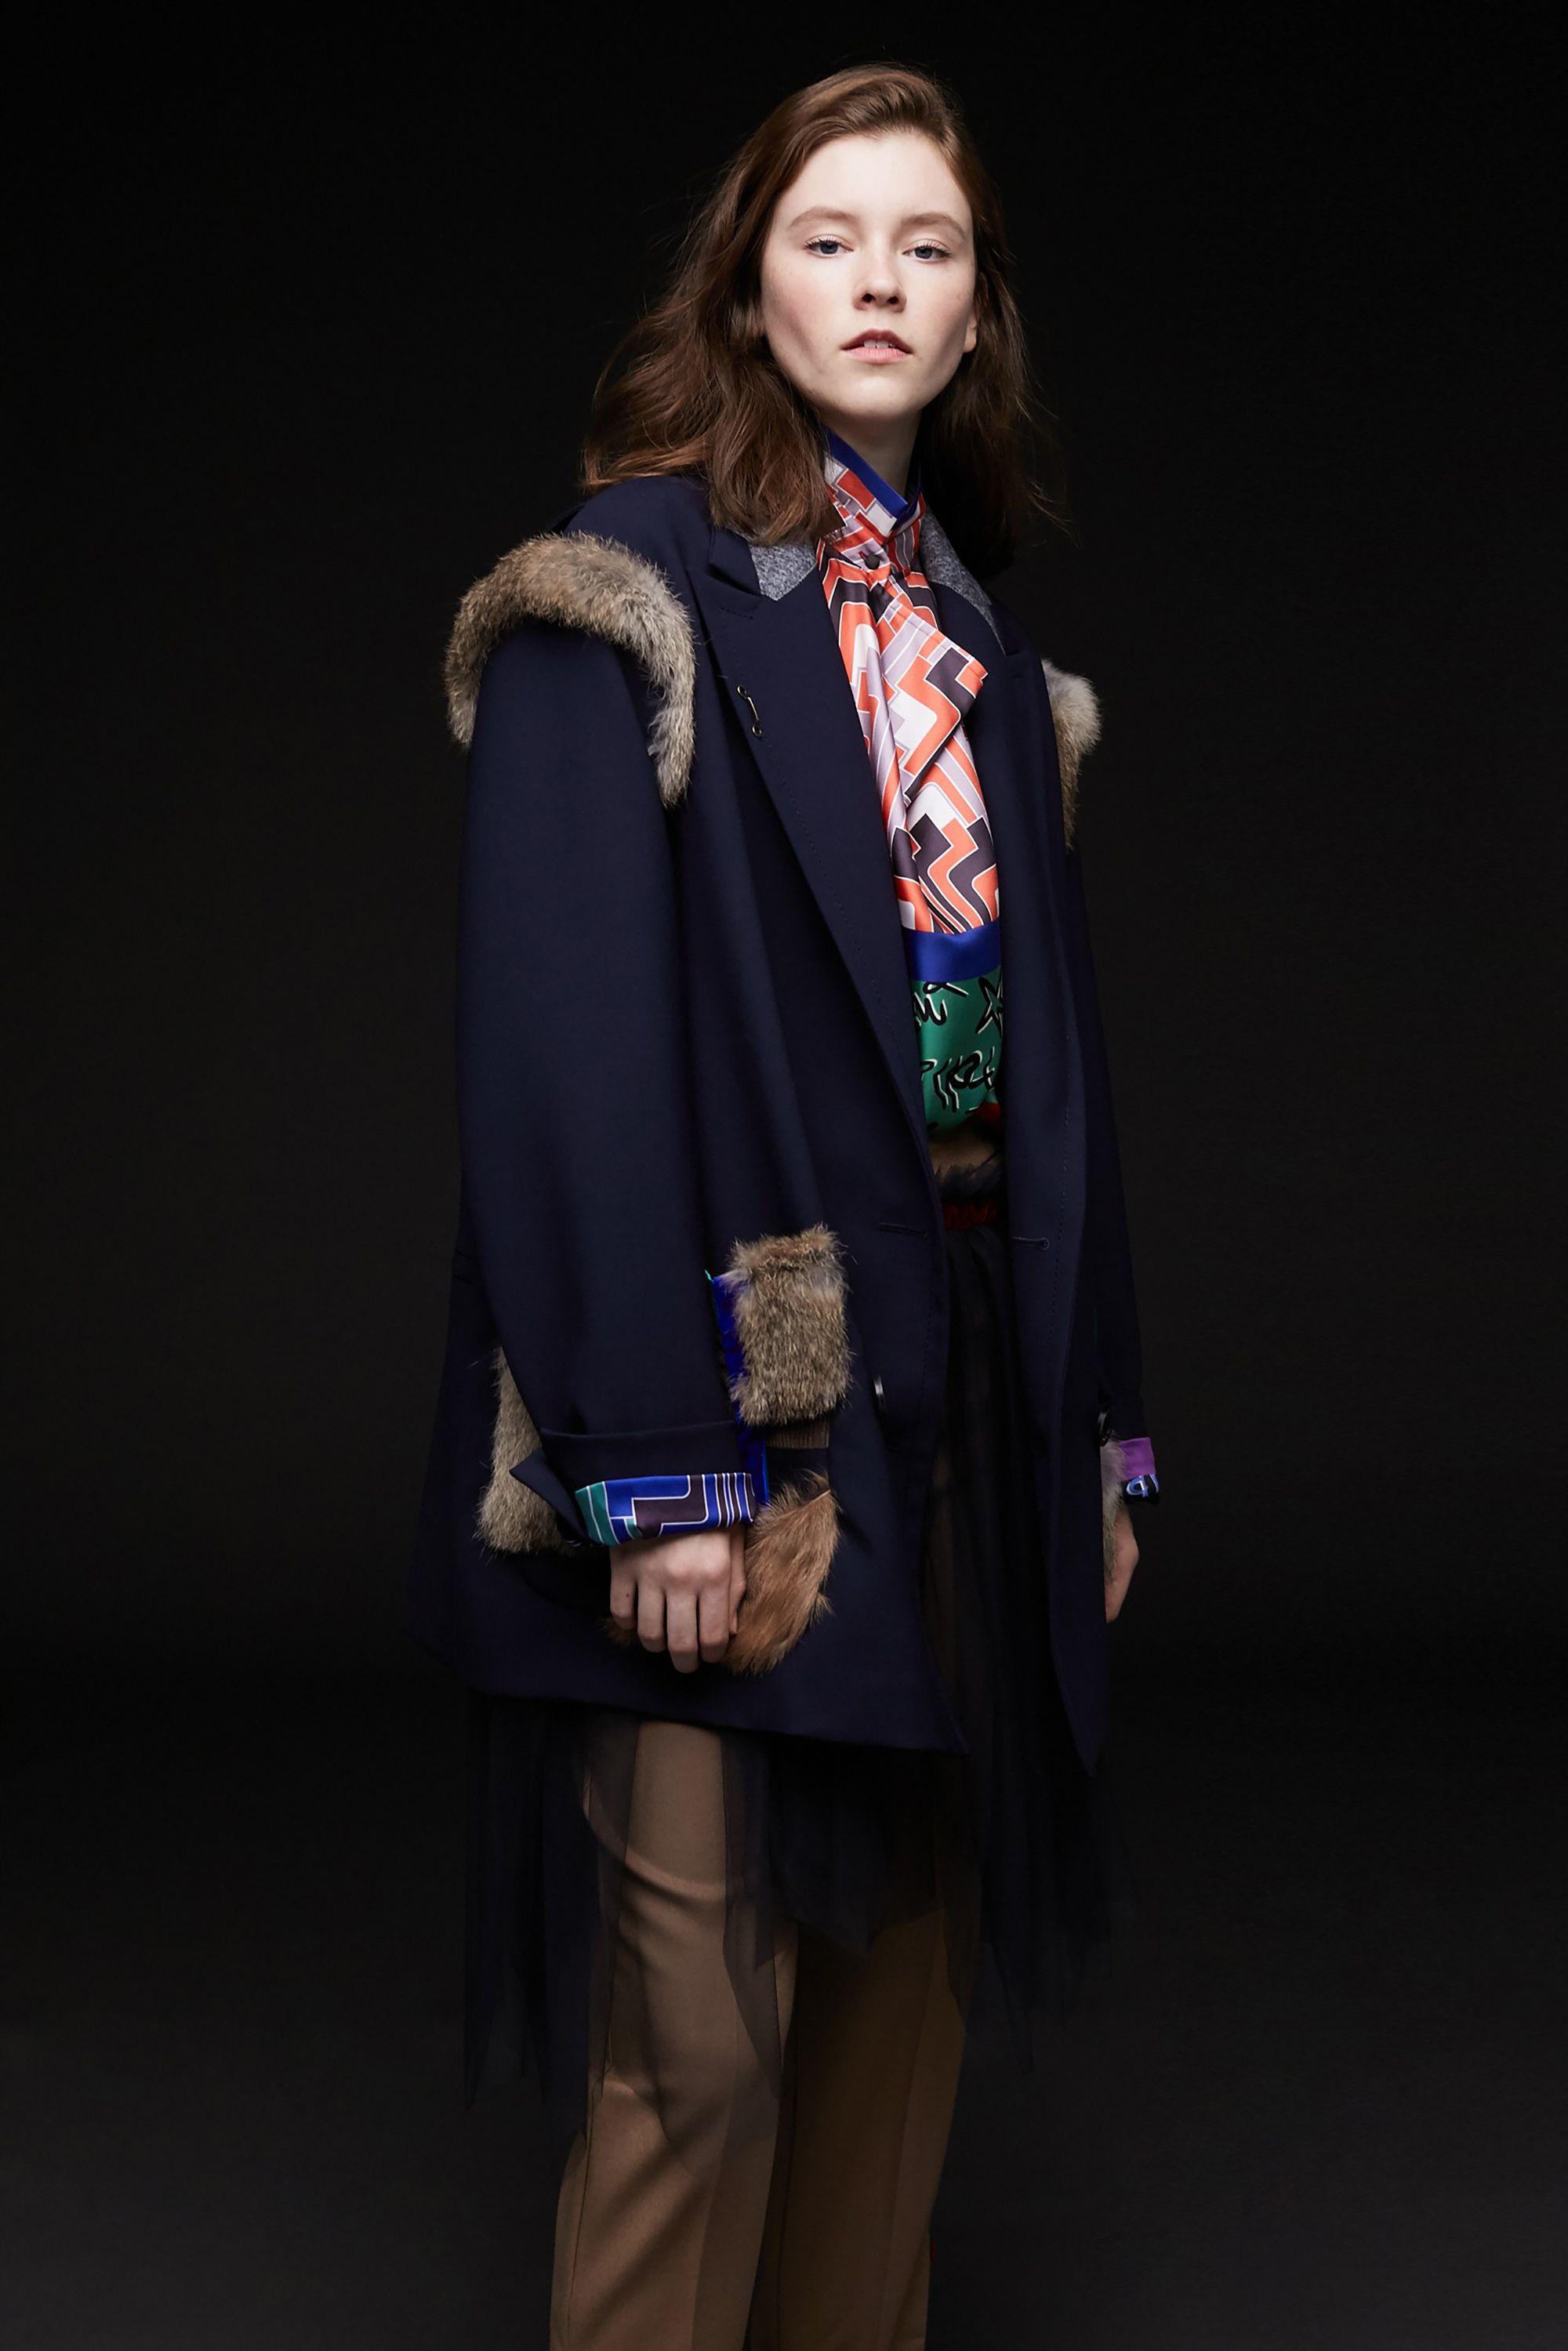 誇張されたシルエットにファーをパッチワークのようにあしらったジャケット。マスキュリンな印象のパンツにはフェミニンなチュールをプラスしている